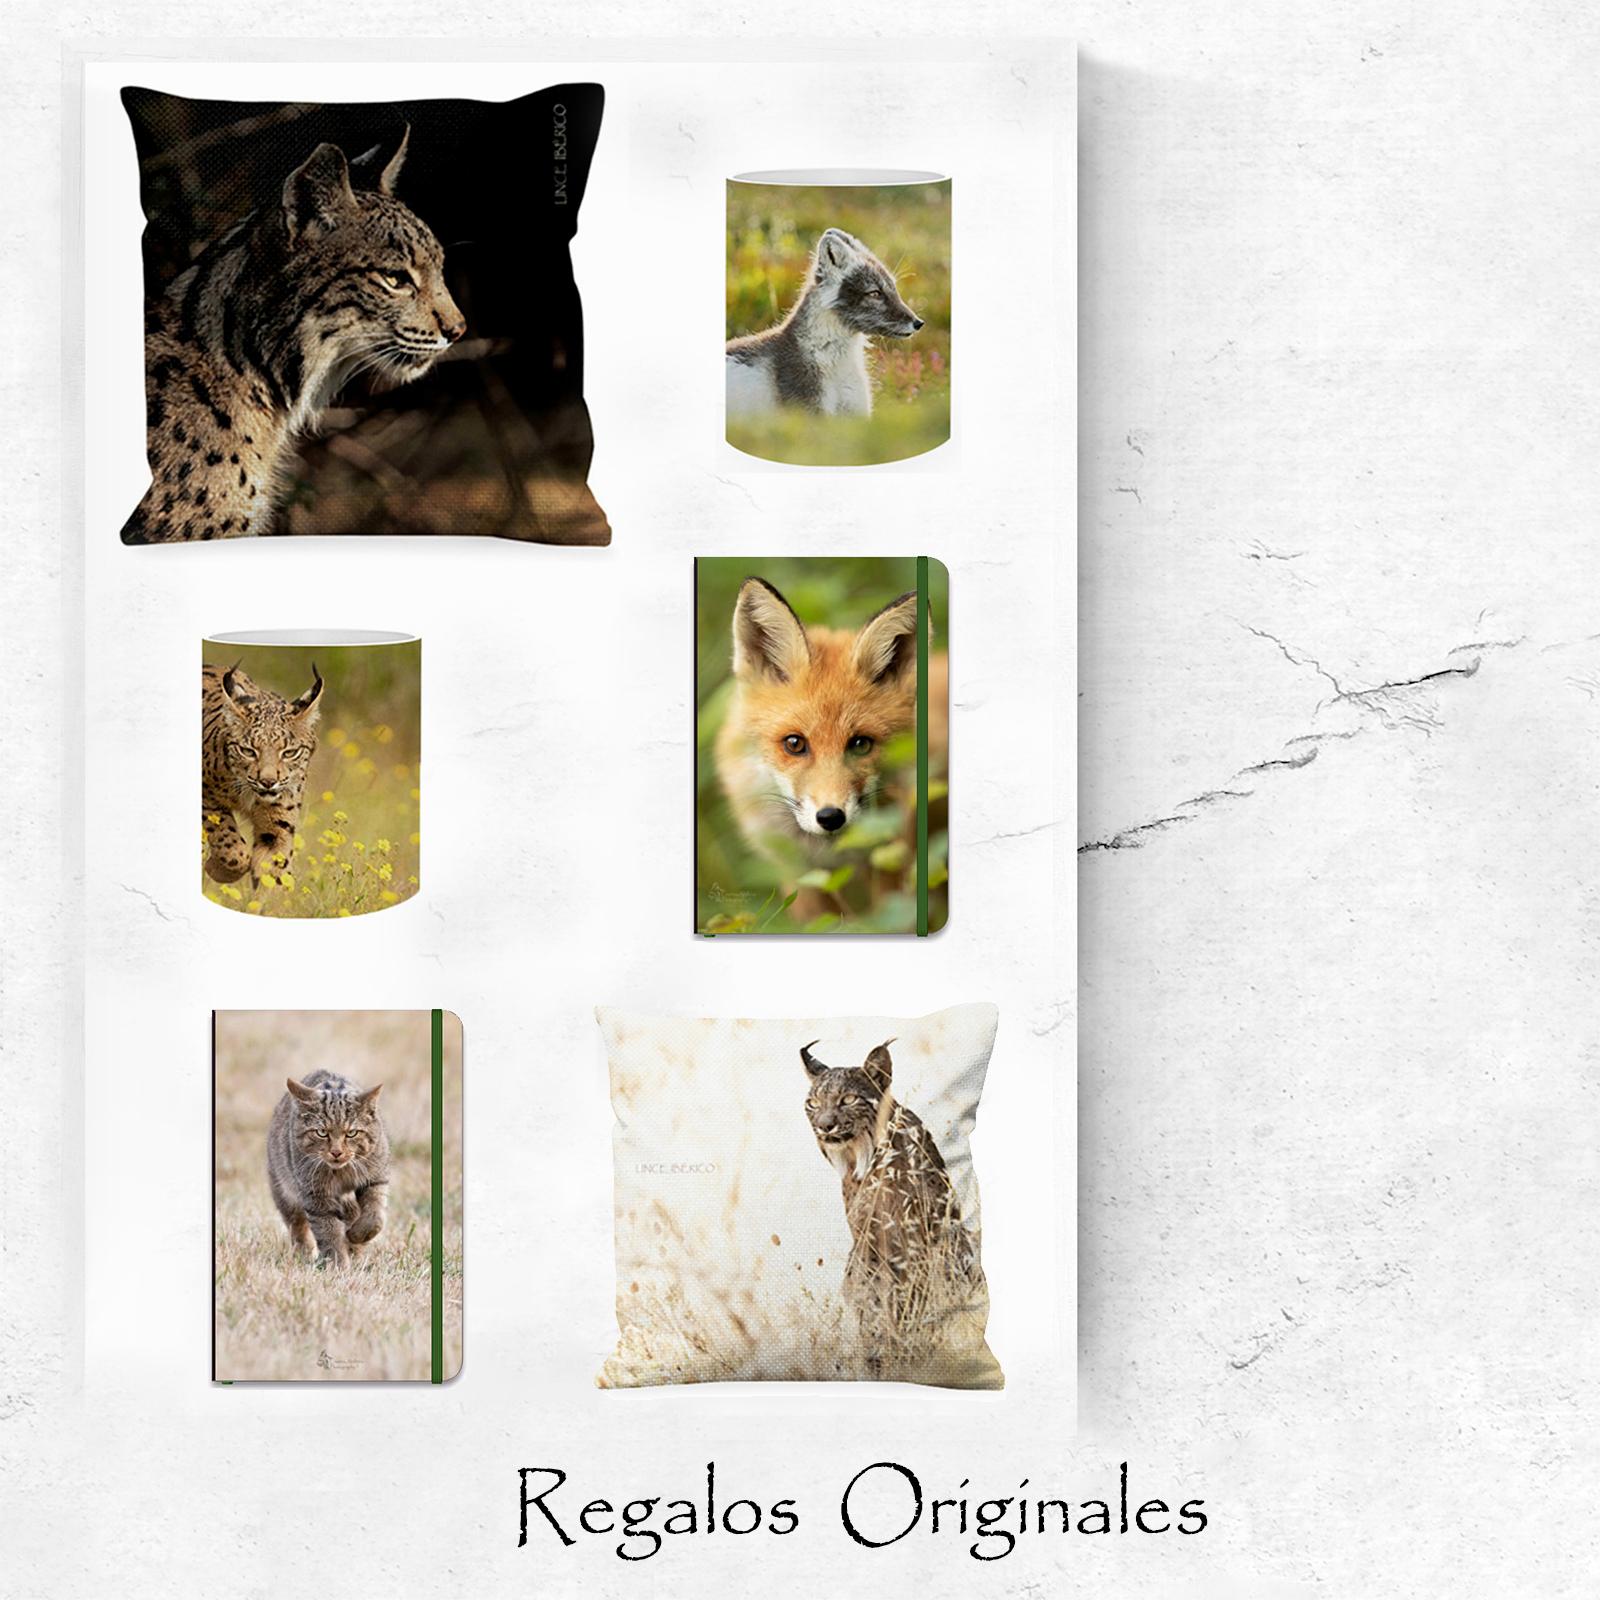 Tienda Regalos Originales